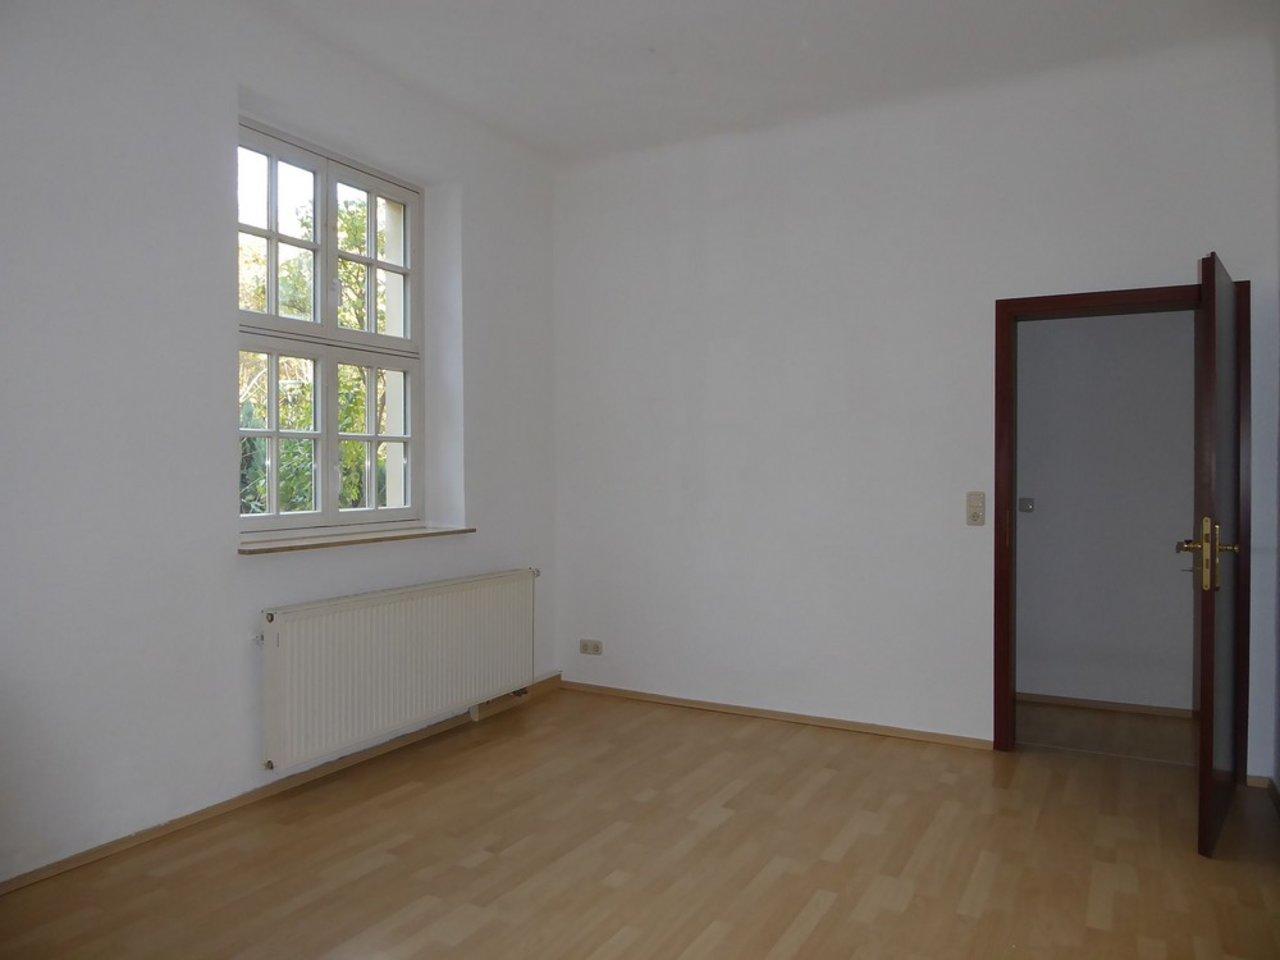 Praktische, moderne 3-Zimmerwohnung nahe dem Stadtzentrum-Wohnen